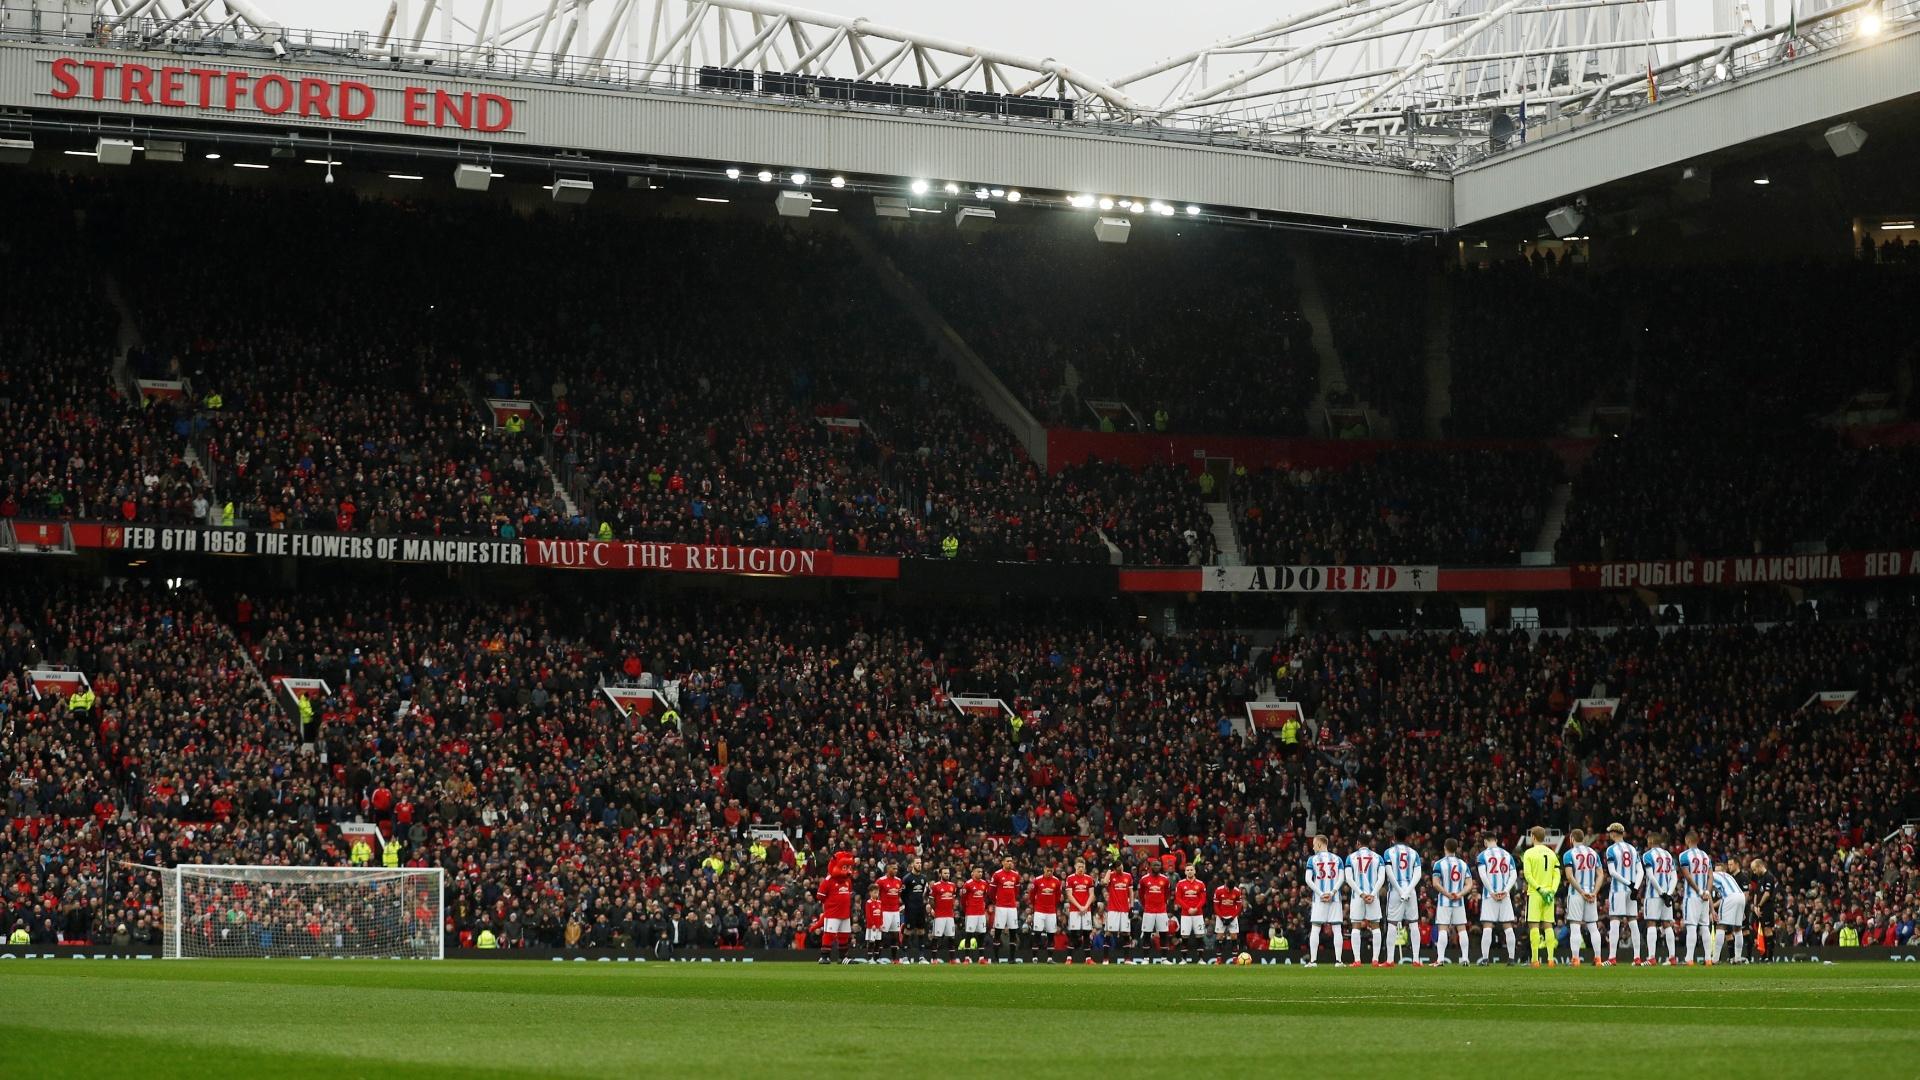 1 minuto de silêncio no Old Trafford para relembrar os 60 anos da tragédia área que vitimou 8 jogadores do United